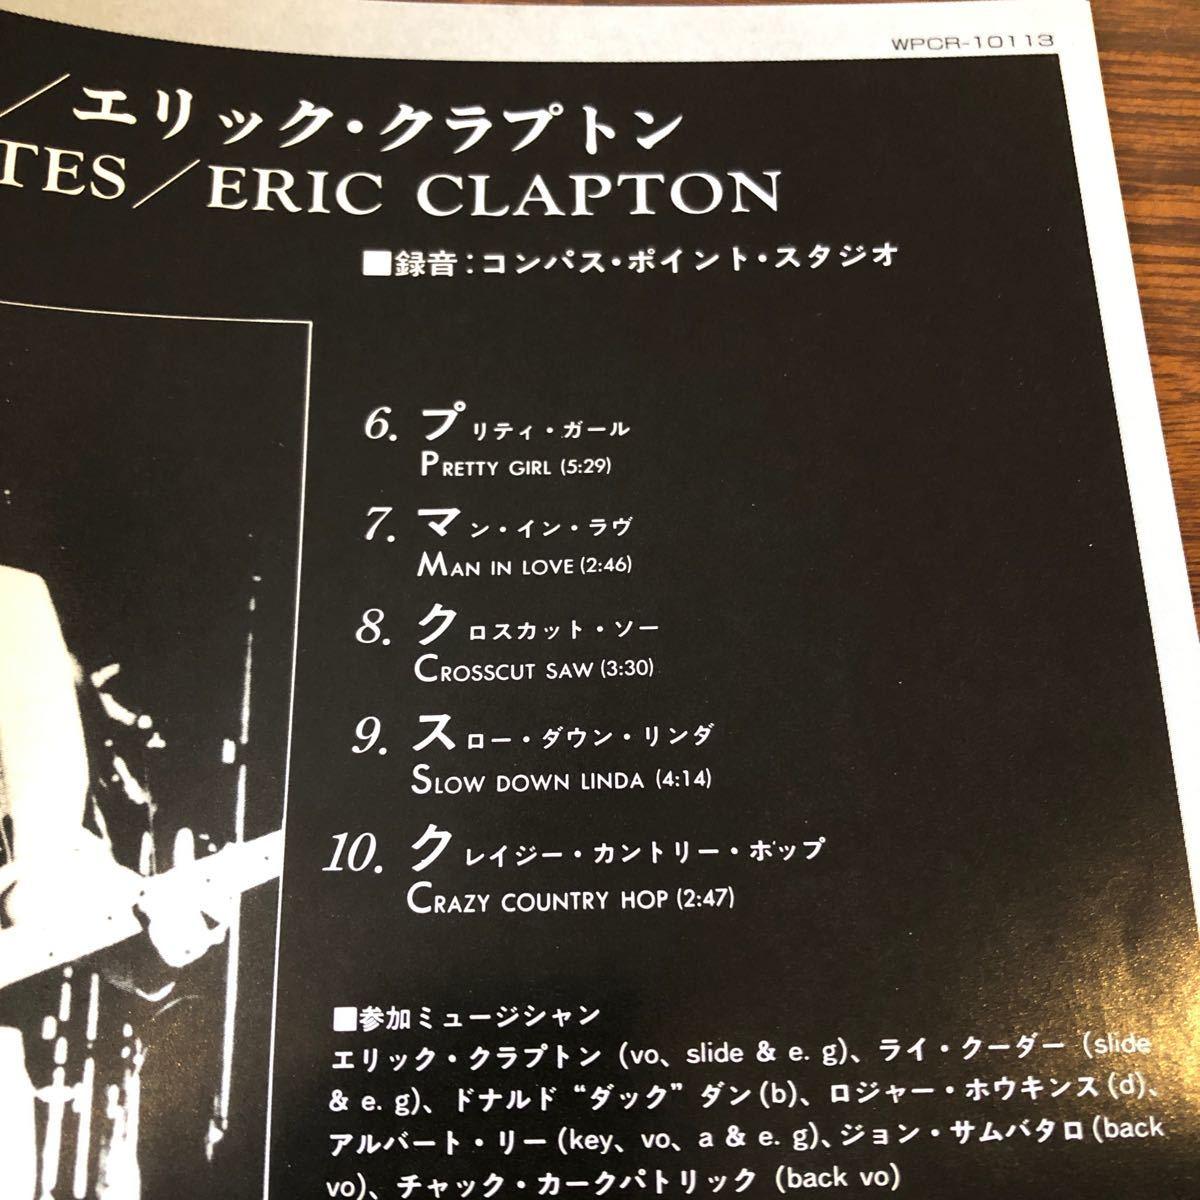 紙ジャケCD エリック・クラプトン ERIC CLAPTON マネー・アンド・シガレット MONEY AND CIGARETTES